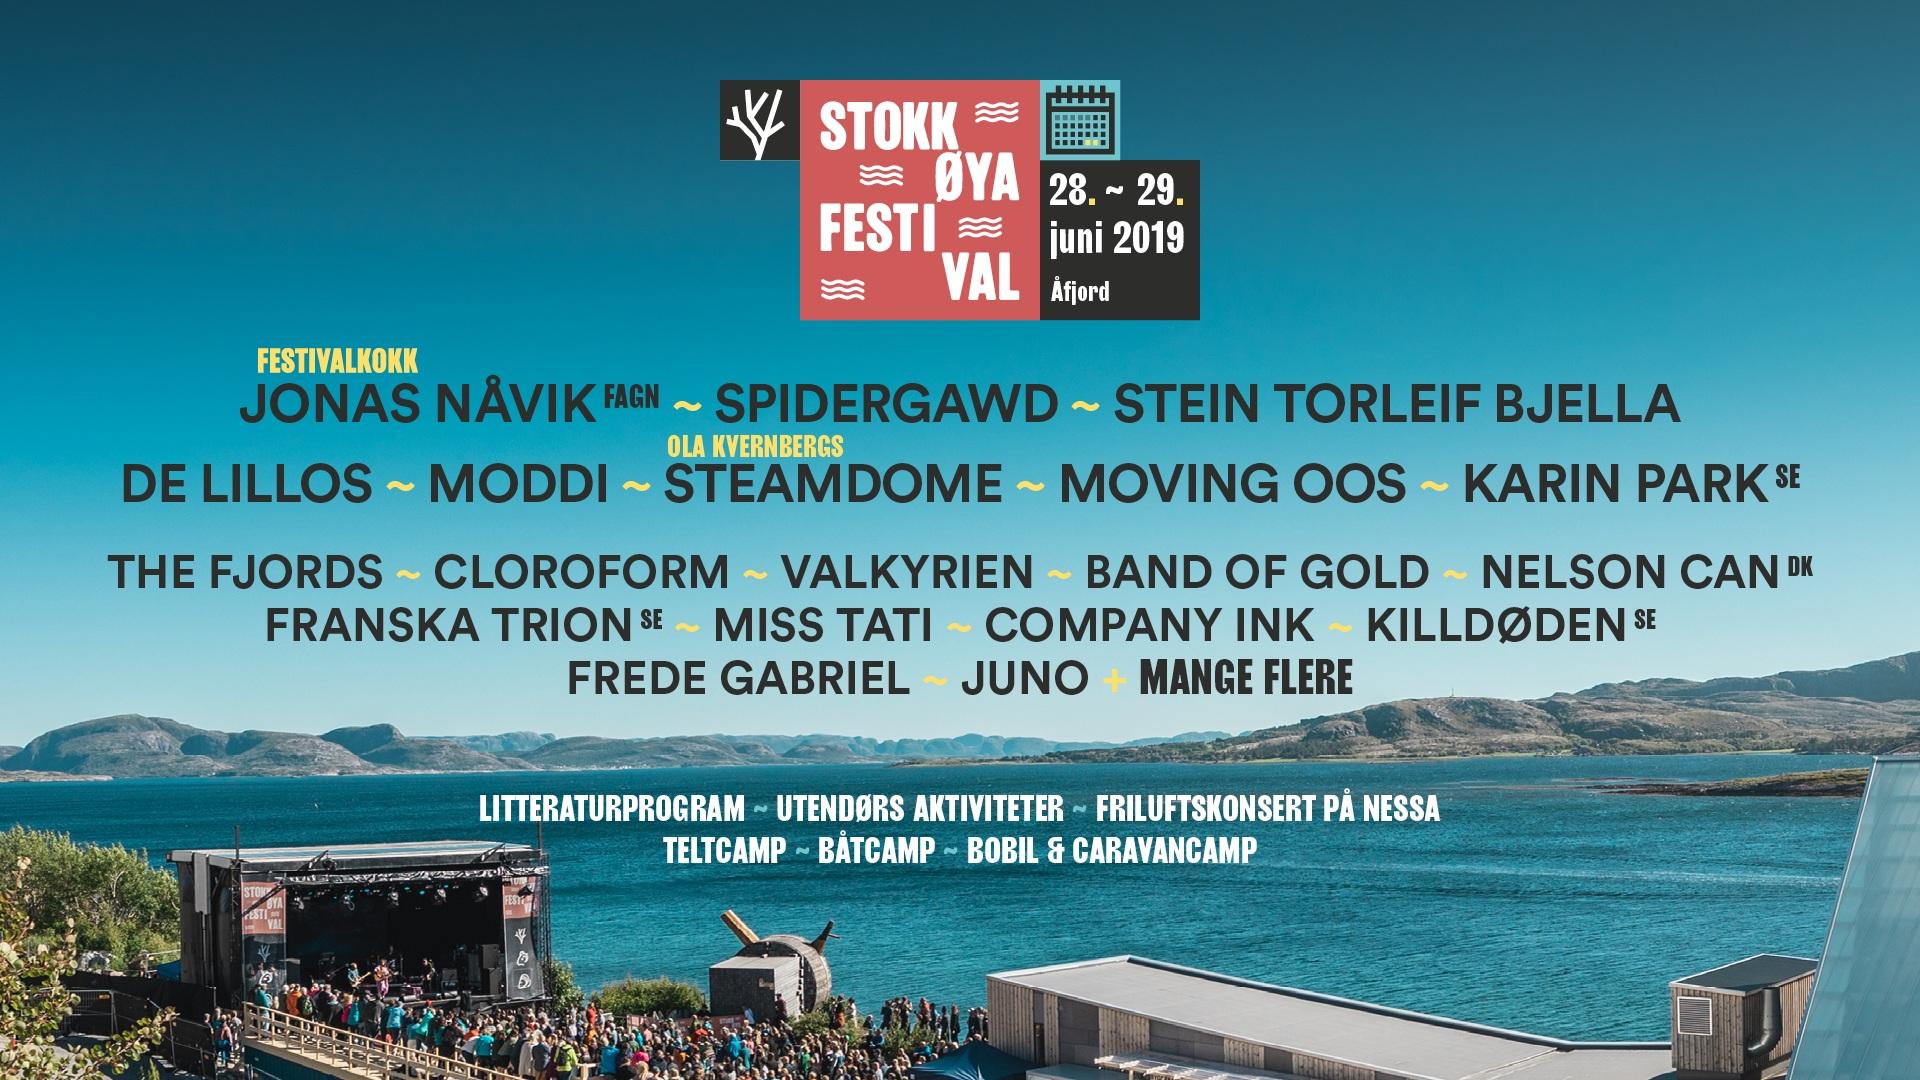 Stokkøya Festival - Festivalledelse, markedsføring, miljø m.m